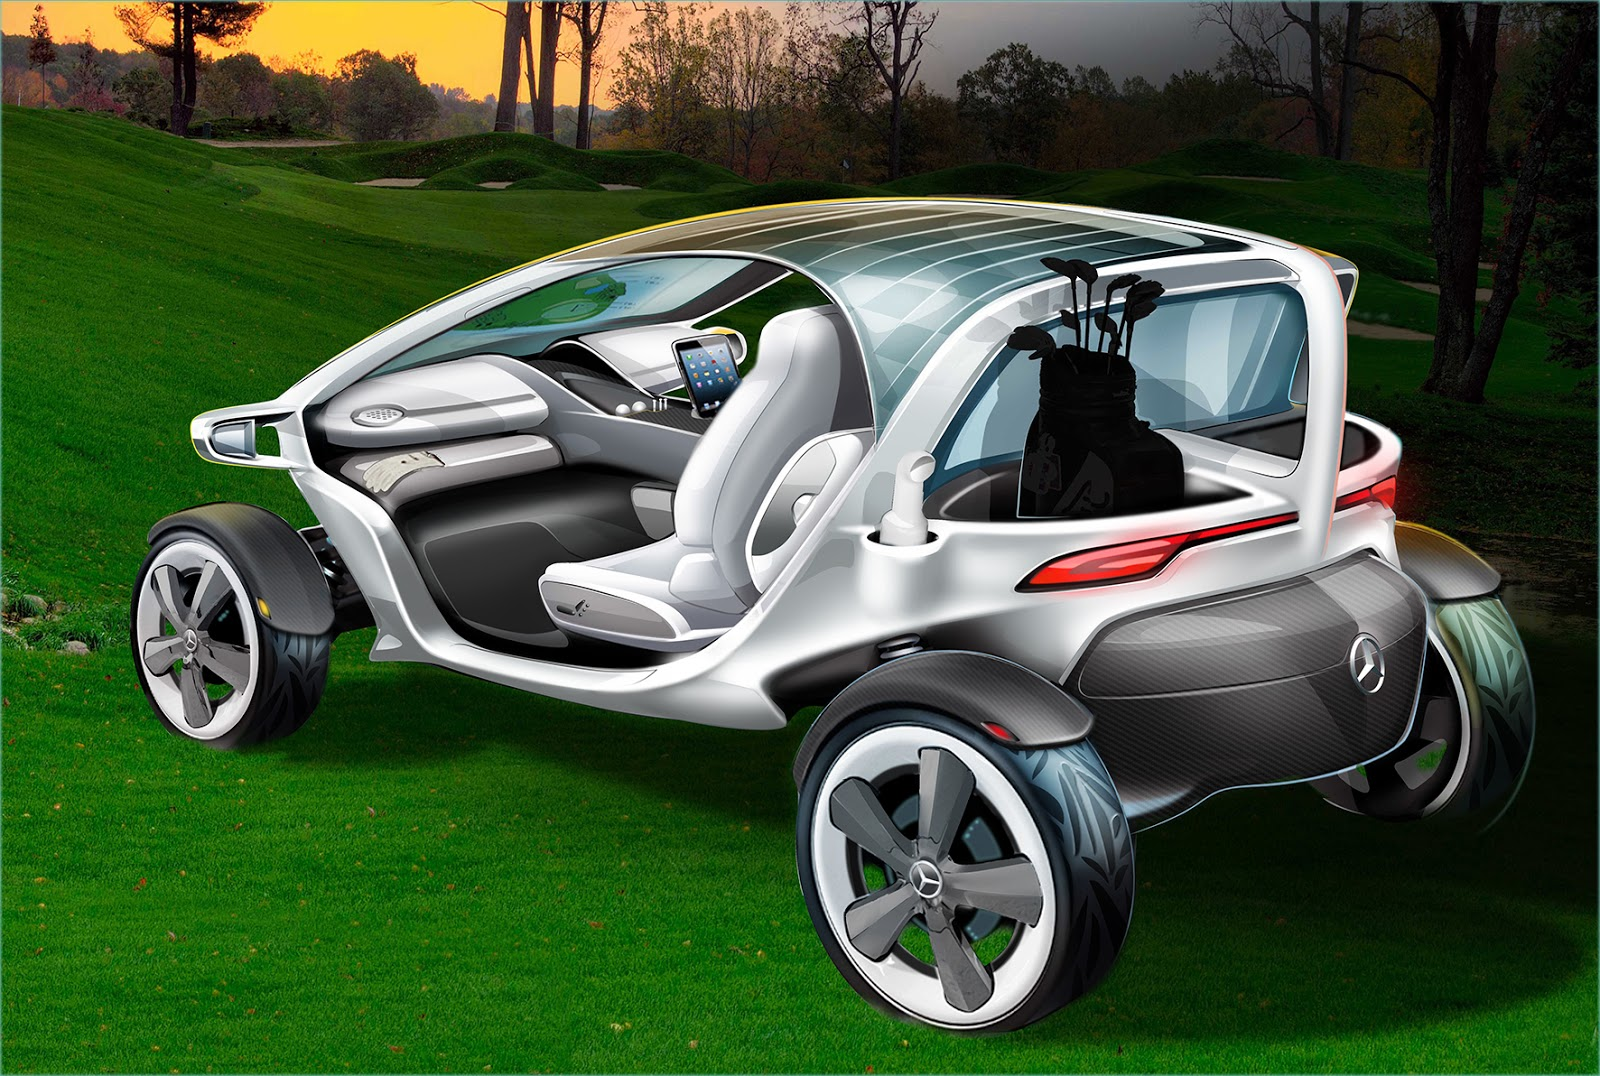 voiture du futur la voiture de golf de demain selon mercedes. Black Bedroom Furniture Sets. Home Design Ideas